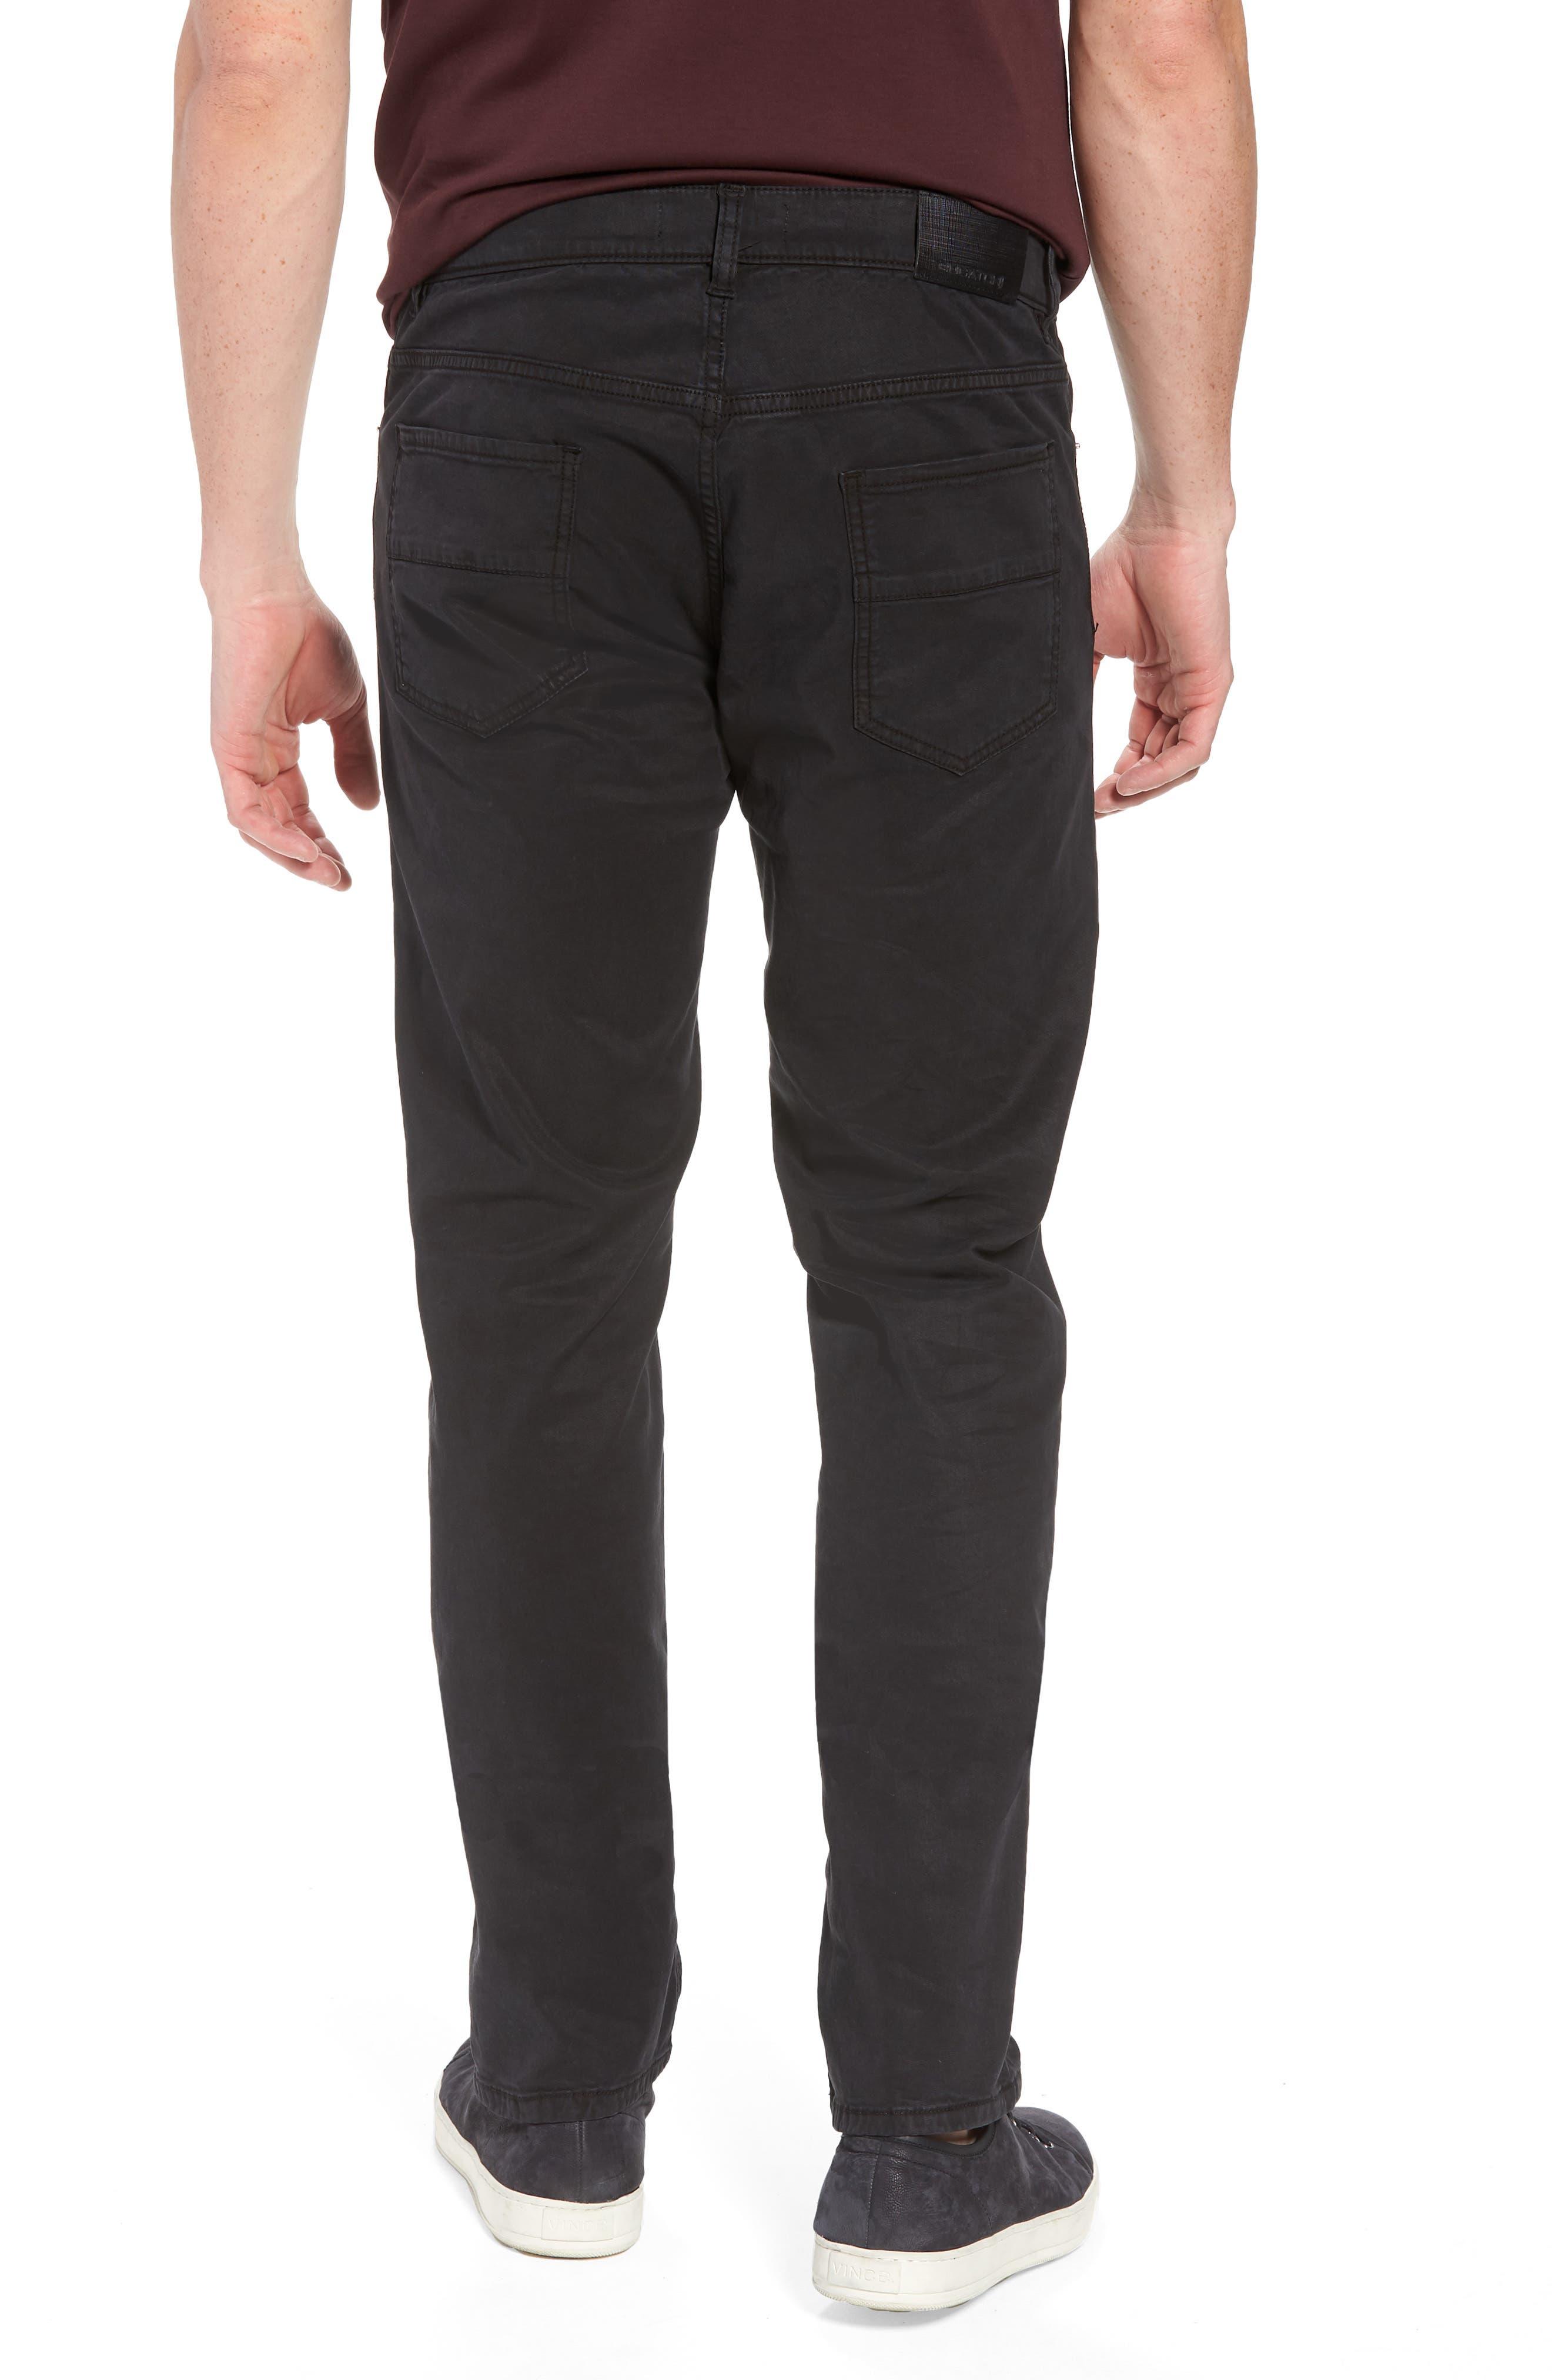 Trim Fit Pants,                             Alternate thumbnail 2, color,                             001